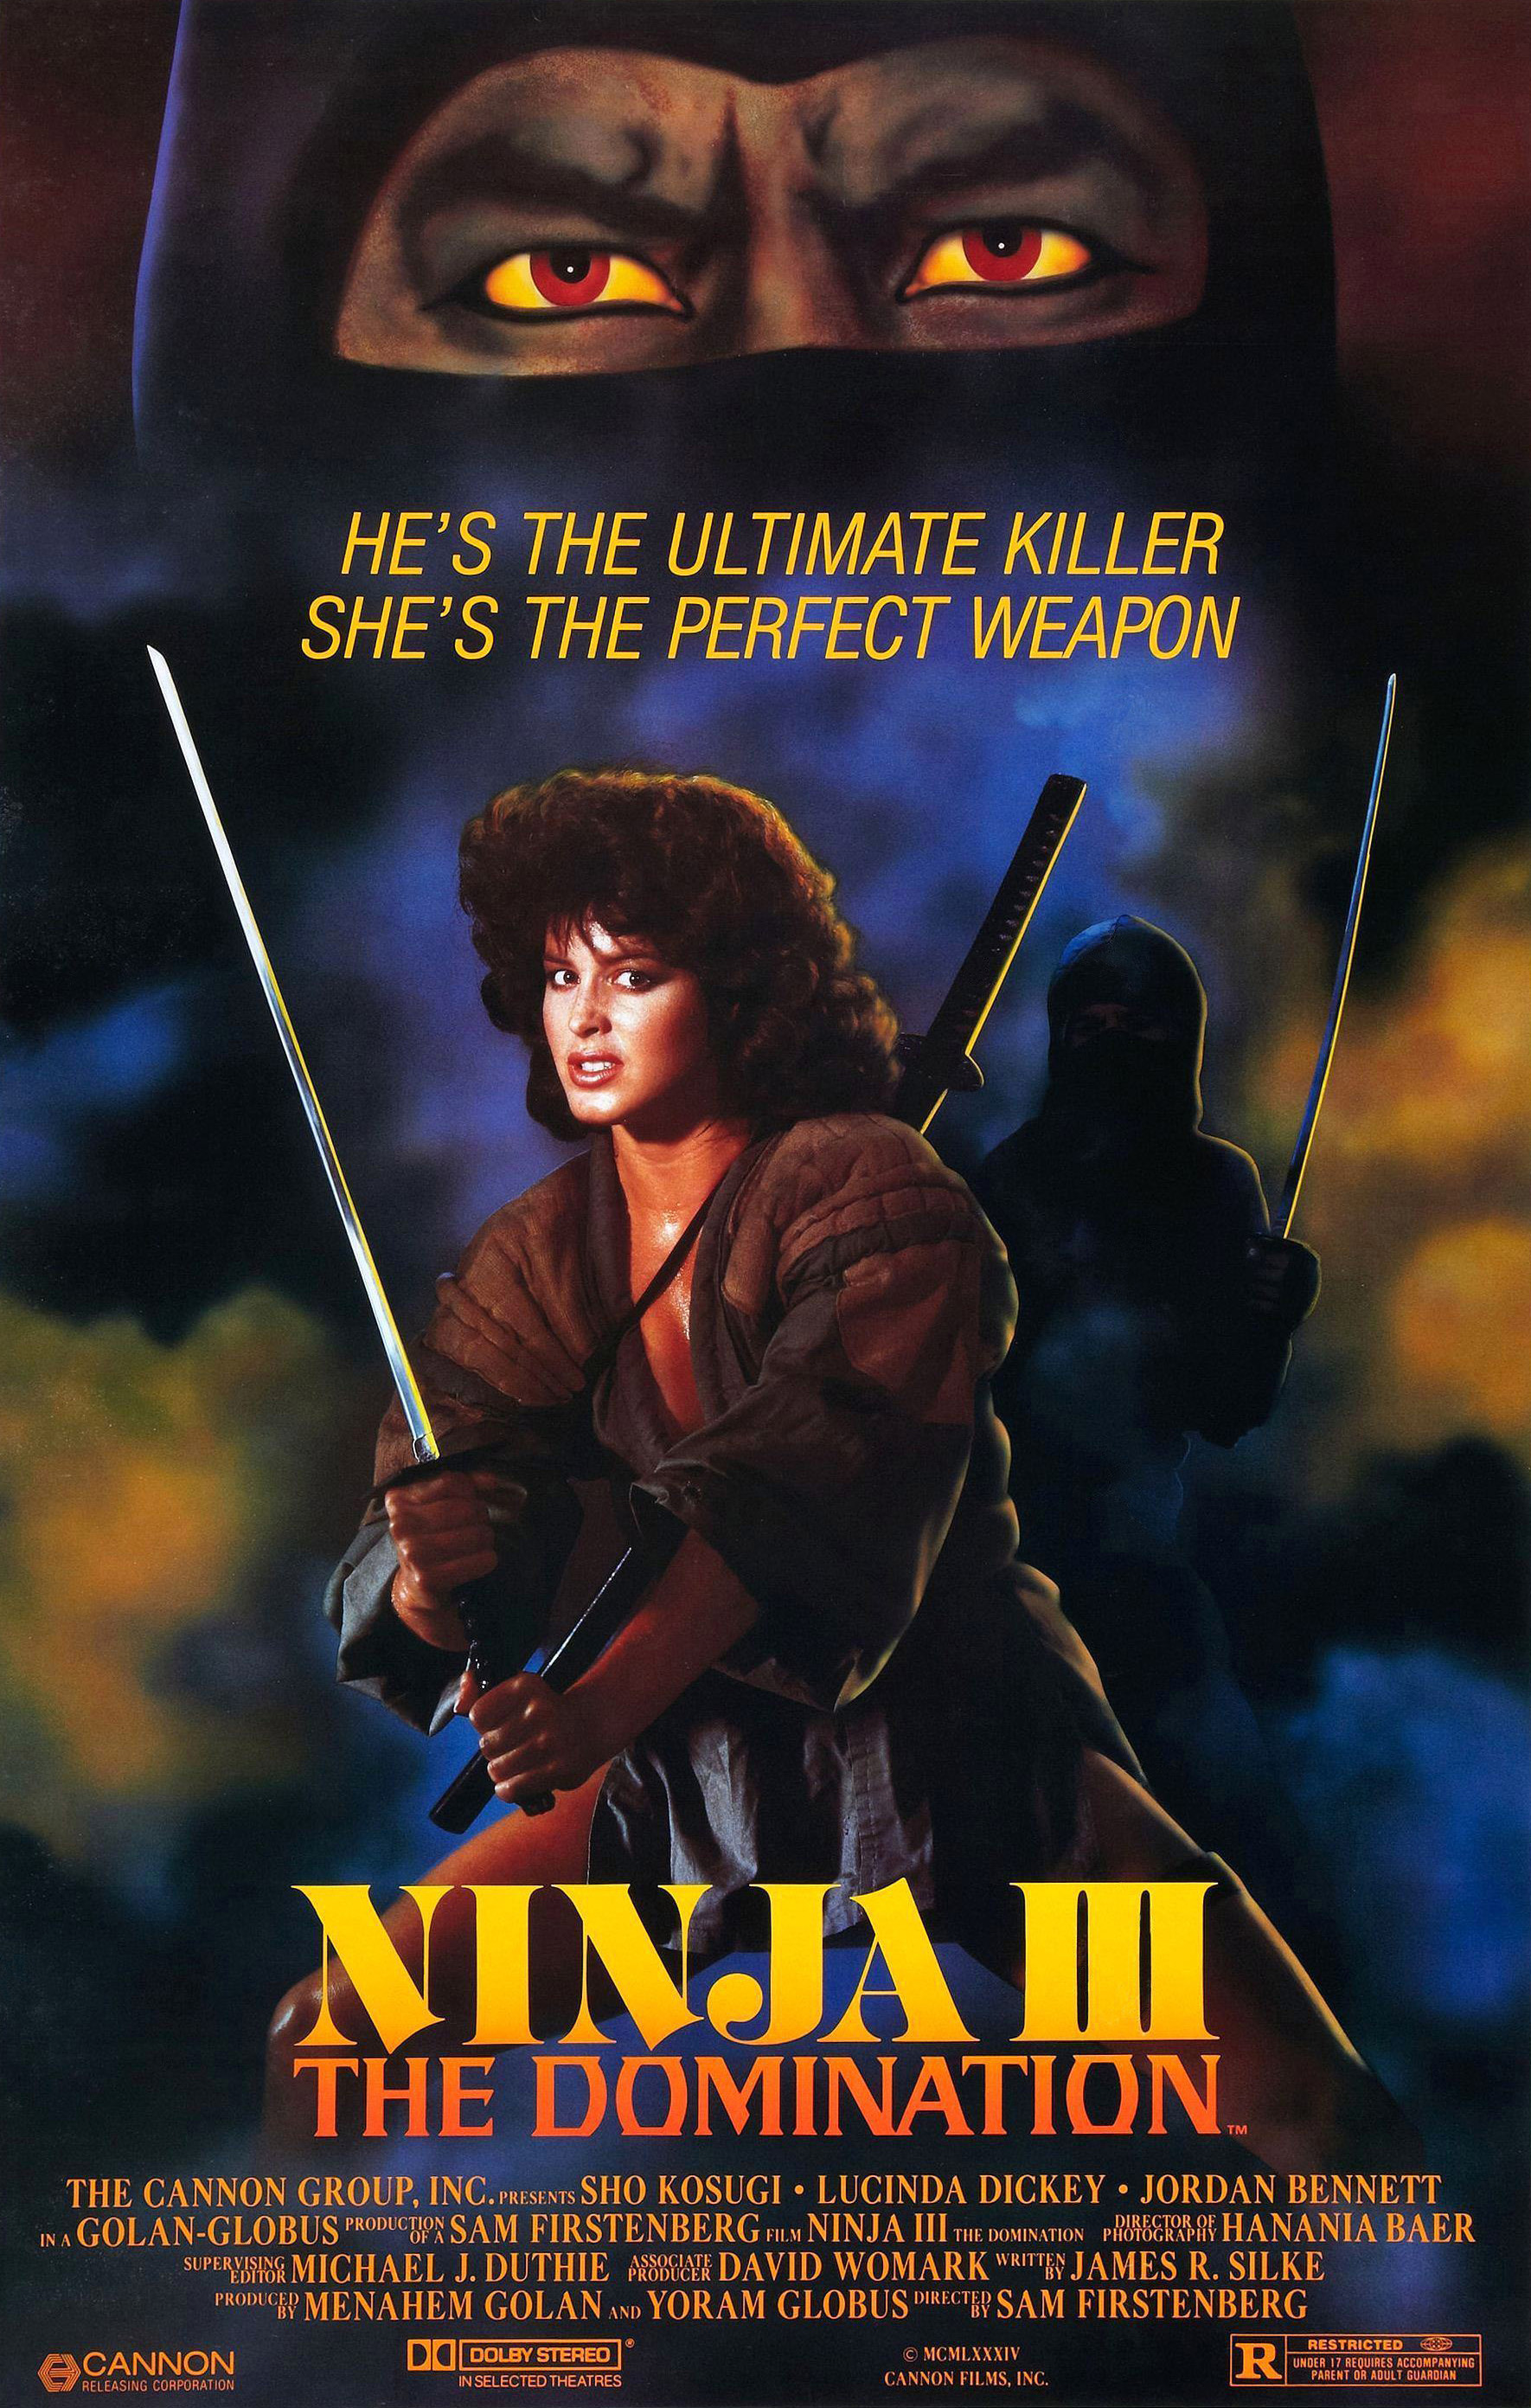 Ninja III poster